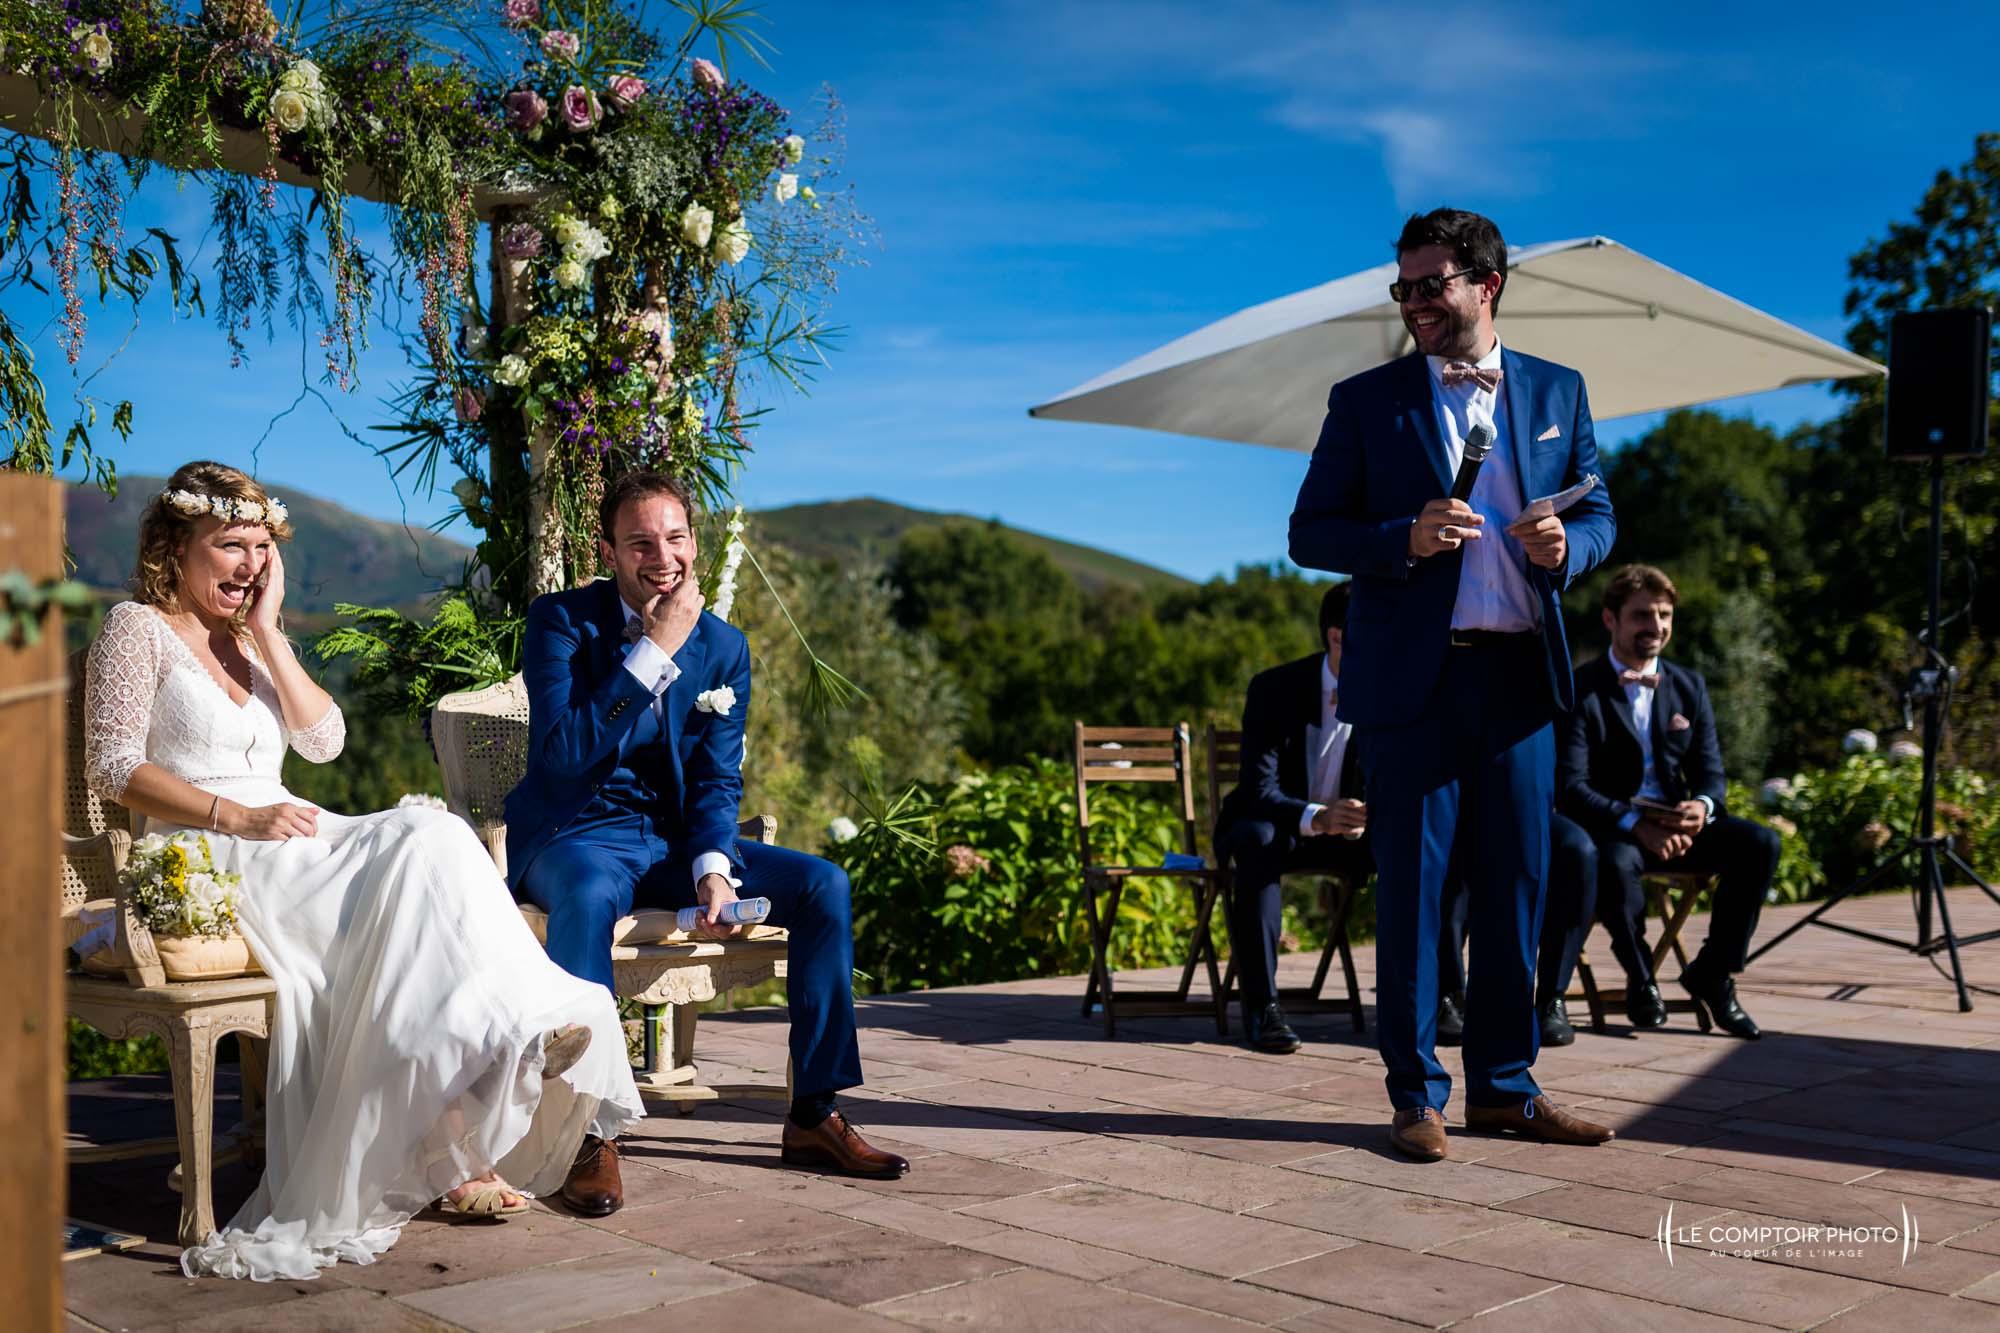 Photographe de mariage dans le morbihan - vannes - lorient - Bretagne